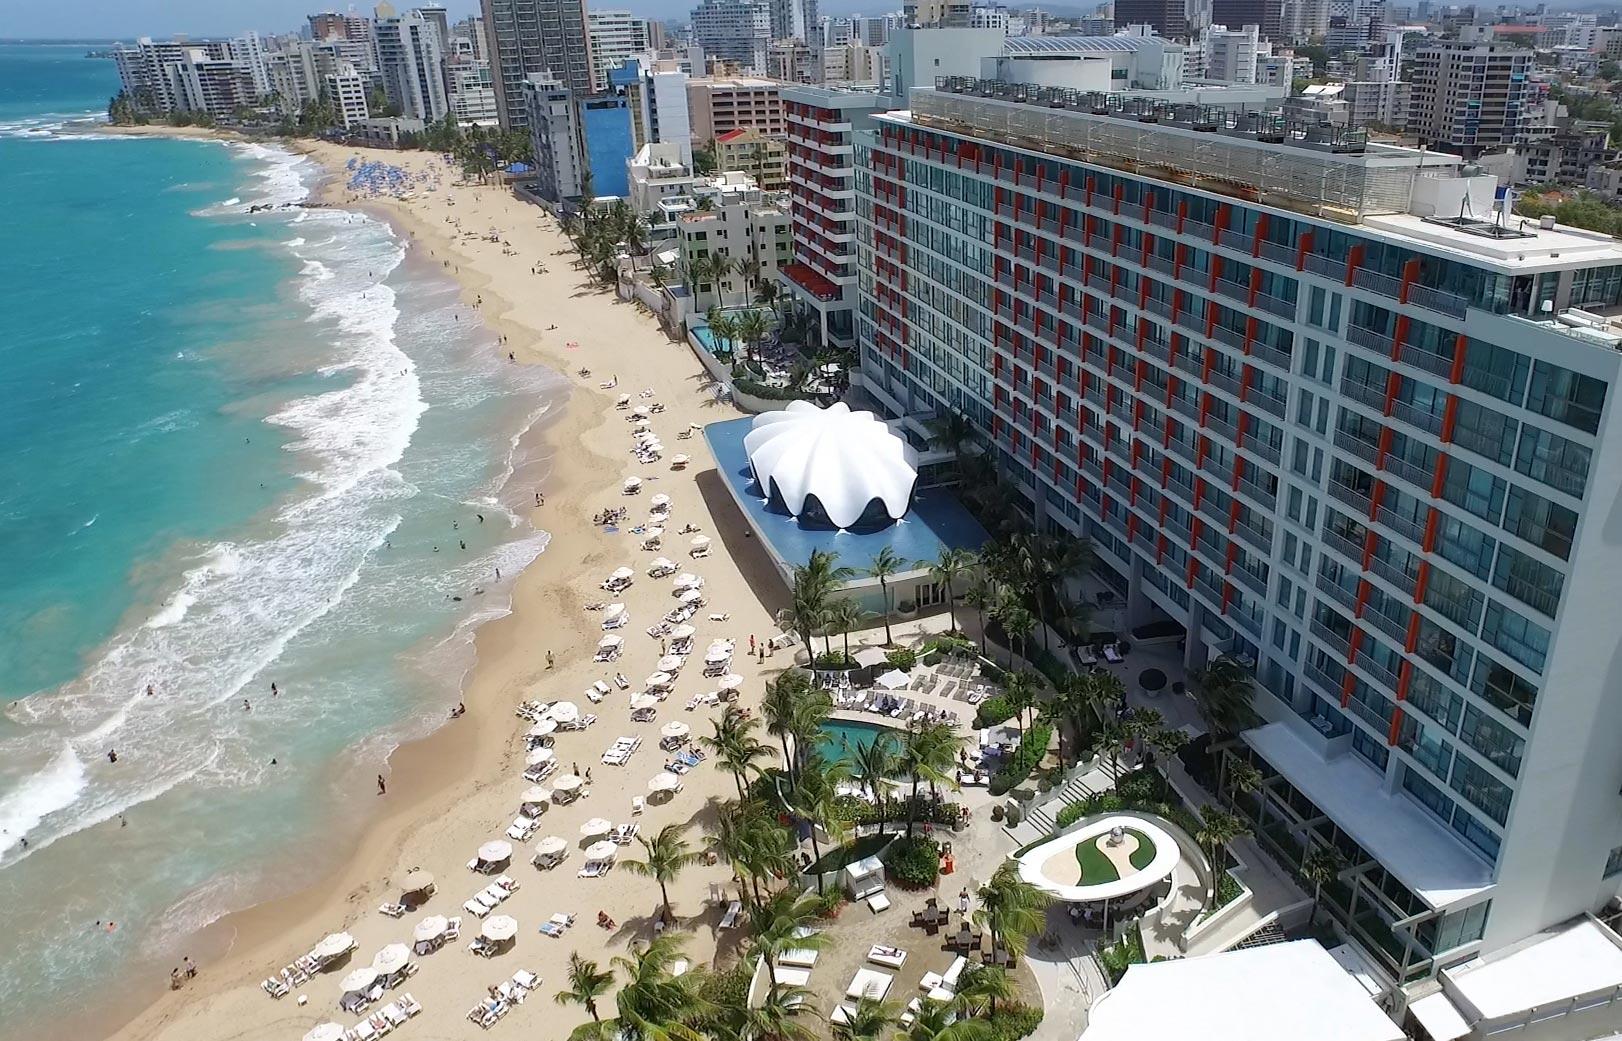 Puerto Rico: Nuevo gerente en el hotel La Concha